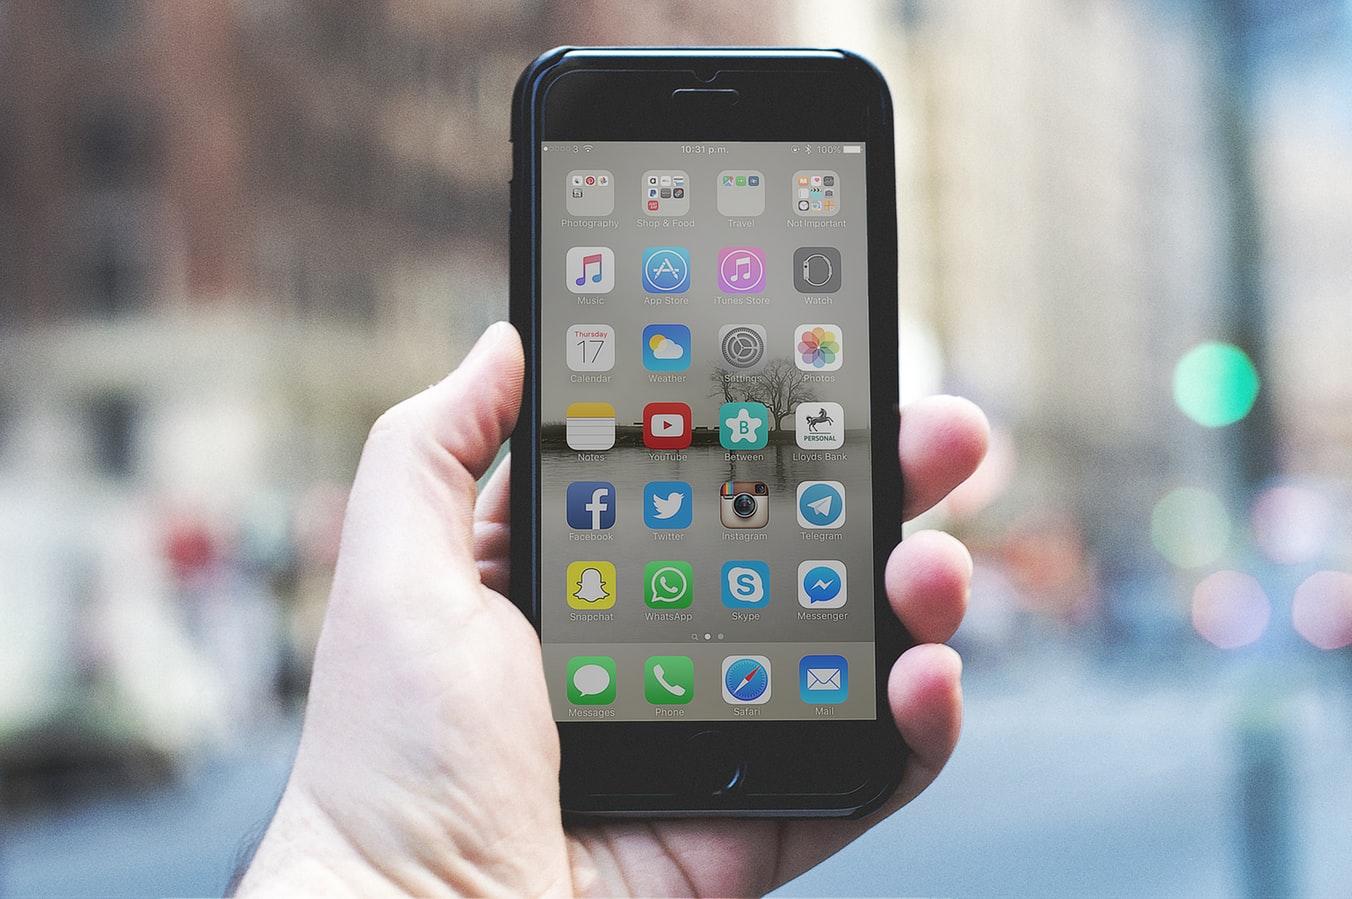 微信或手机号码用什么方法偷偷查一个人的位置不让对反发现